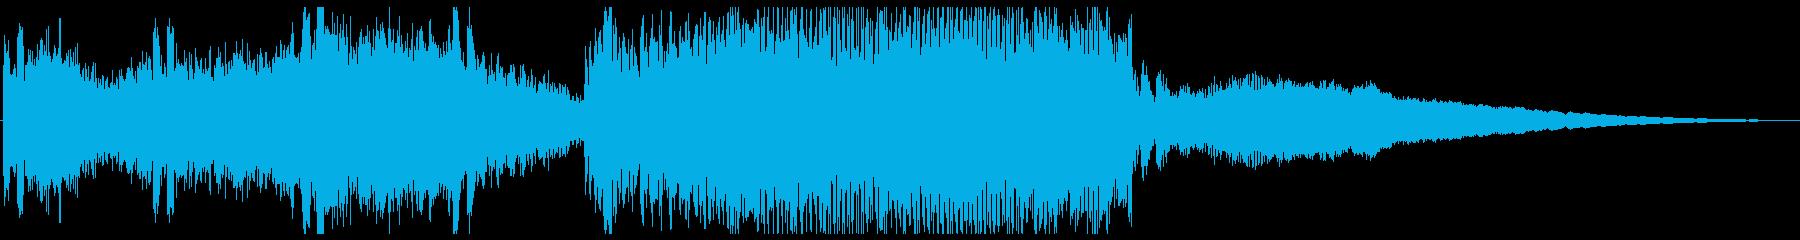 始まりで盛り上がるデジタルBGMの再生済みの波形